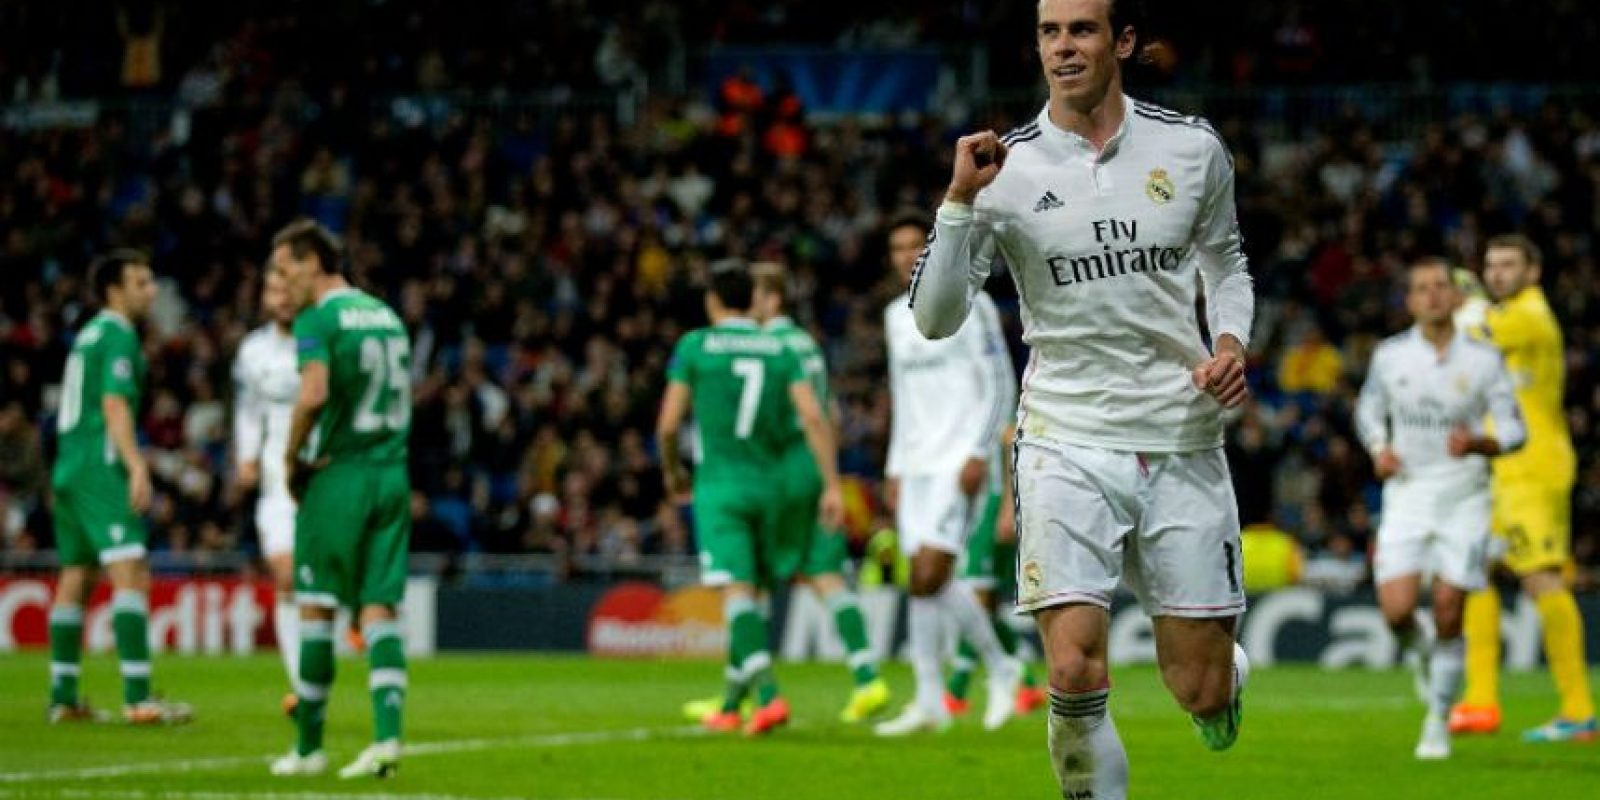 El galés tiene el récord del sprint más rápido del Real Madrid Foto:Getty